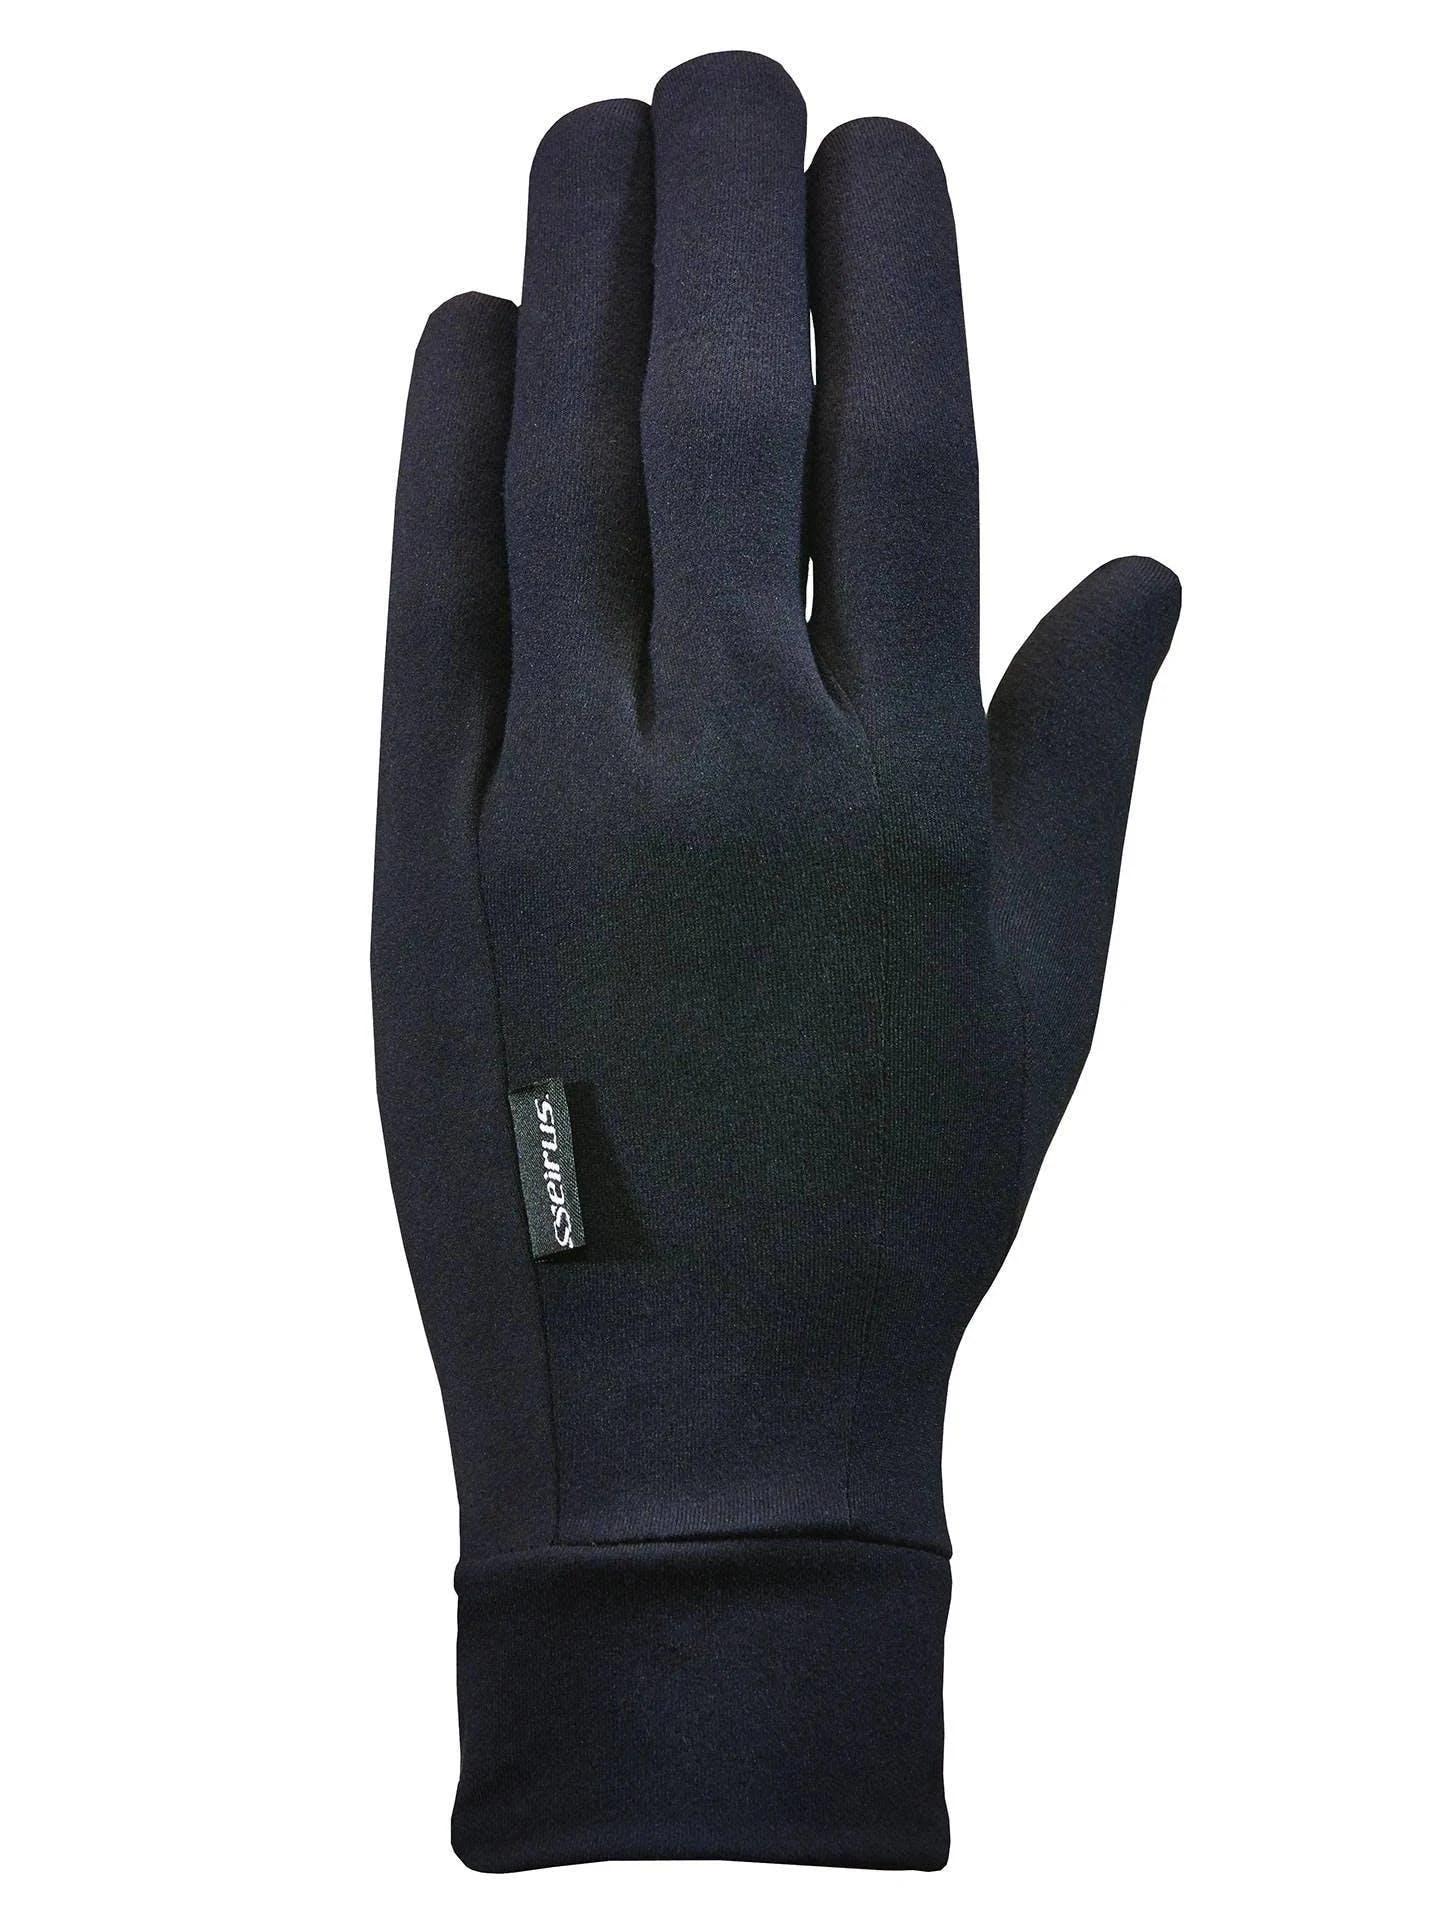 Seirus Heatwave Glove Liner Small/medium